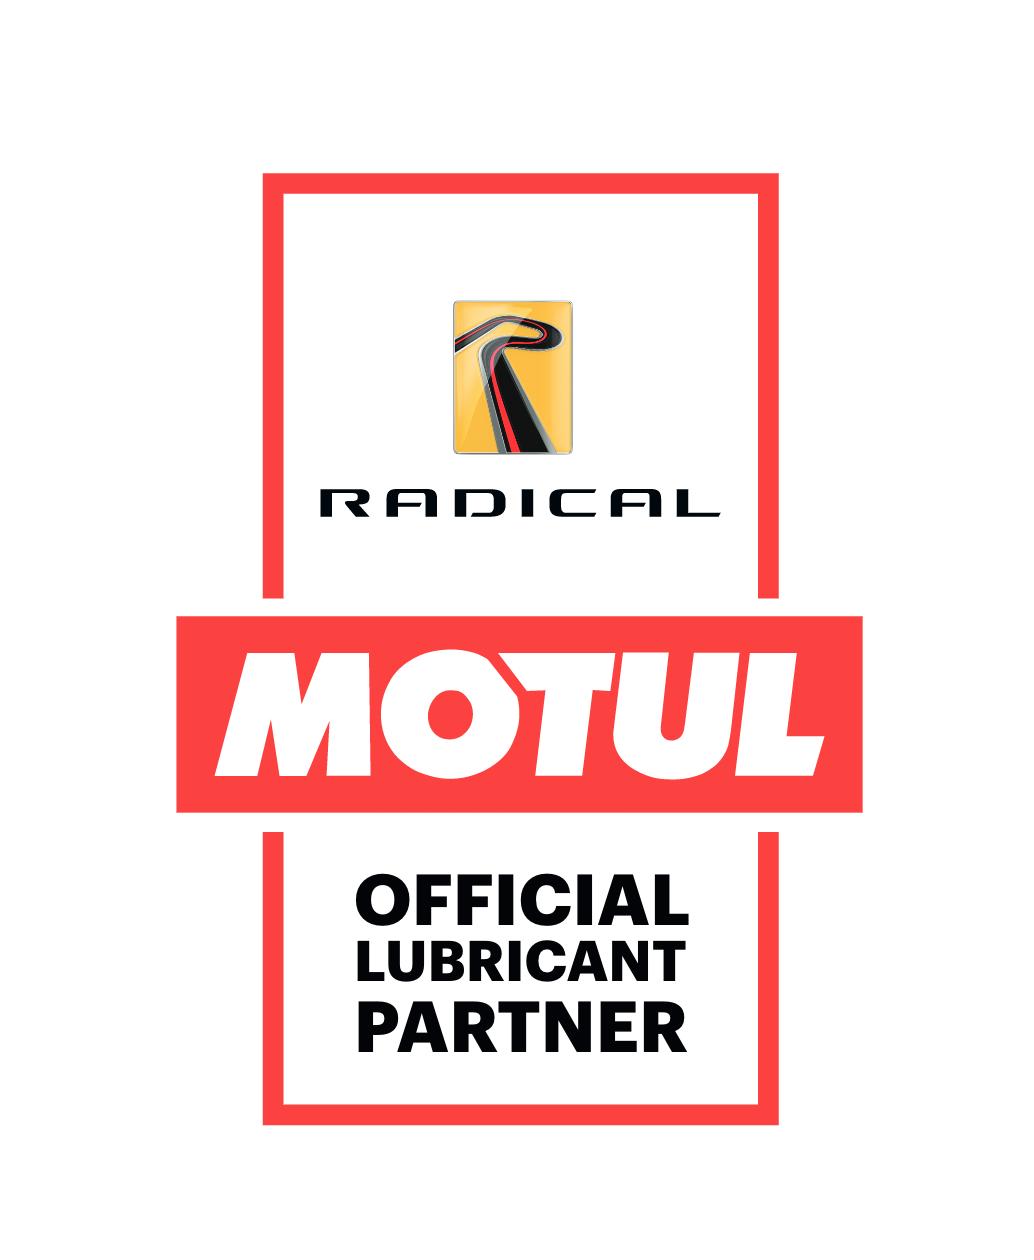 Motul kündigt neue Partnerschaft mit Radical an